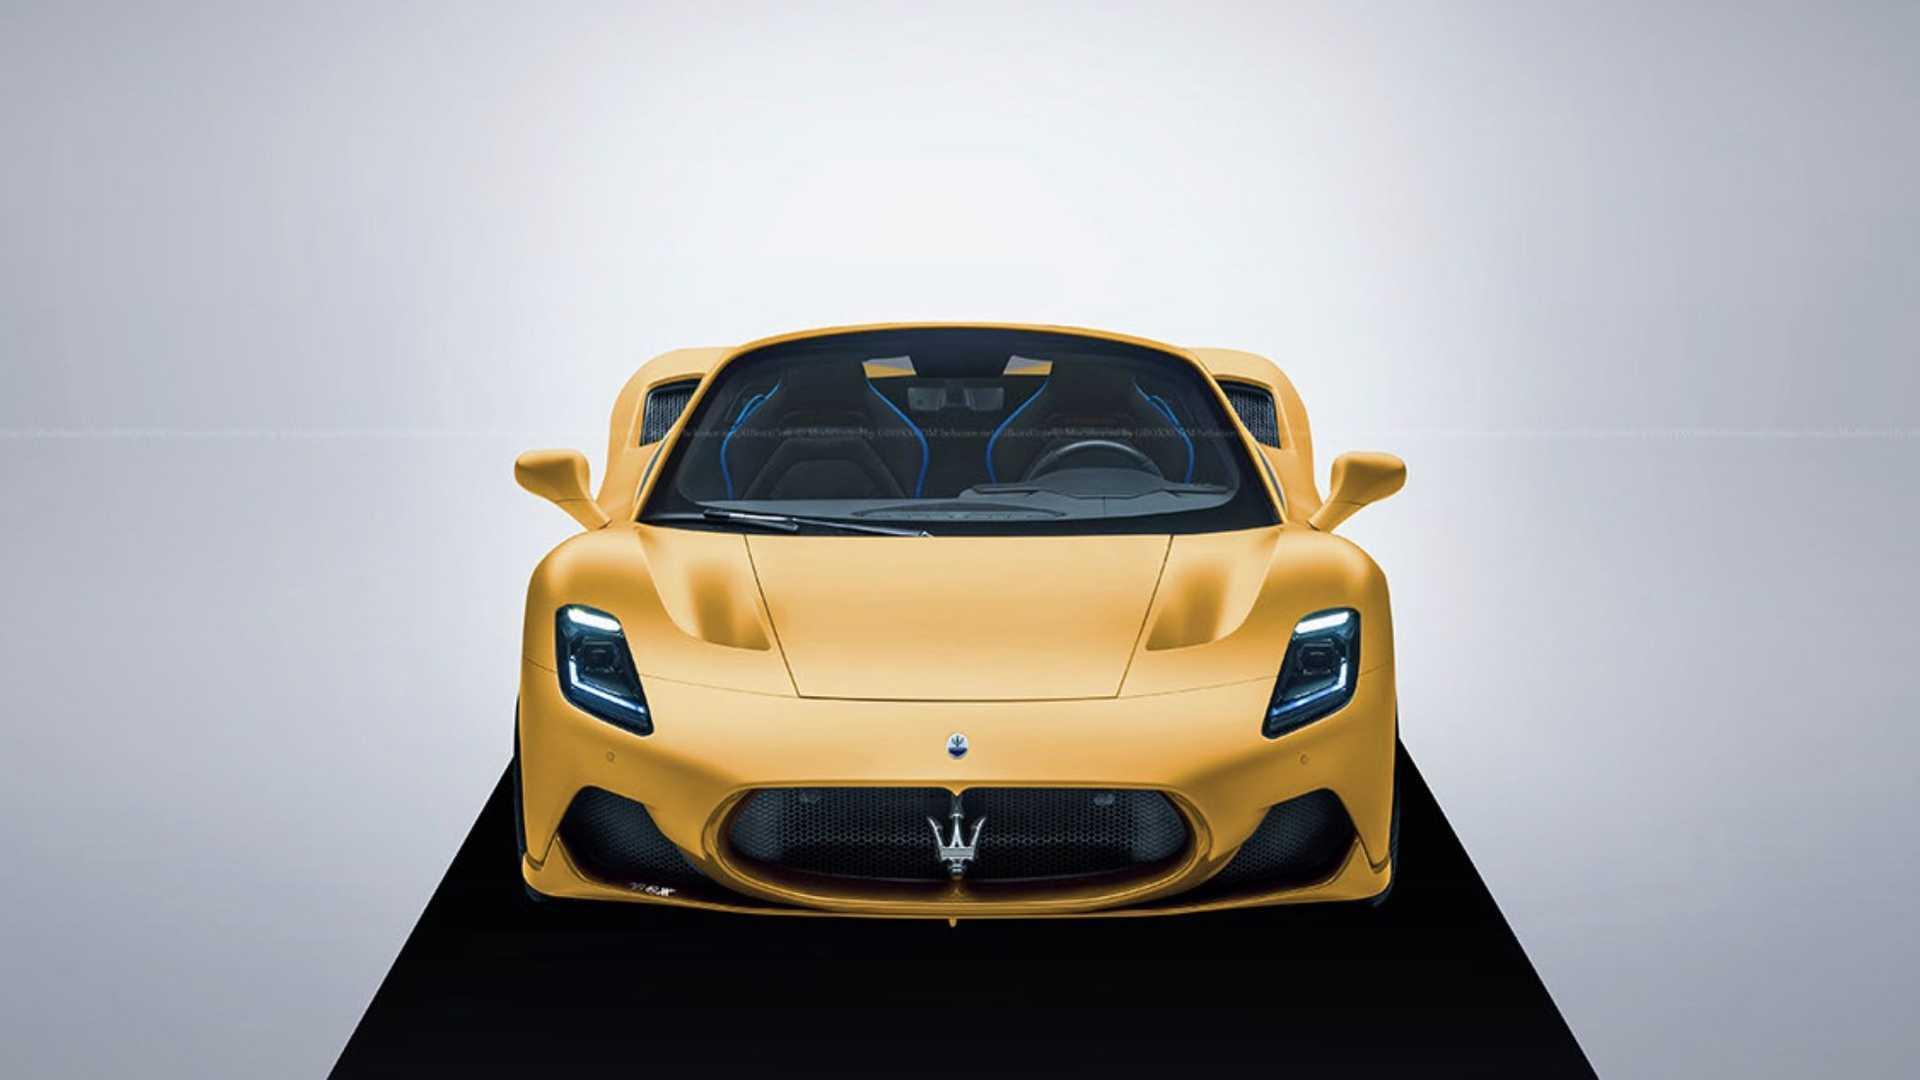 Посмотрите, как выглядит Maserati MC20 без крыши